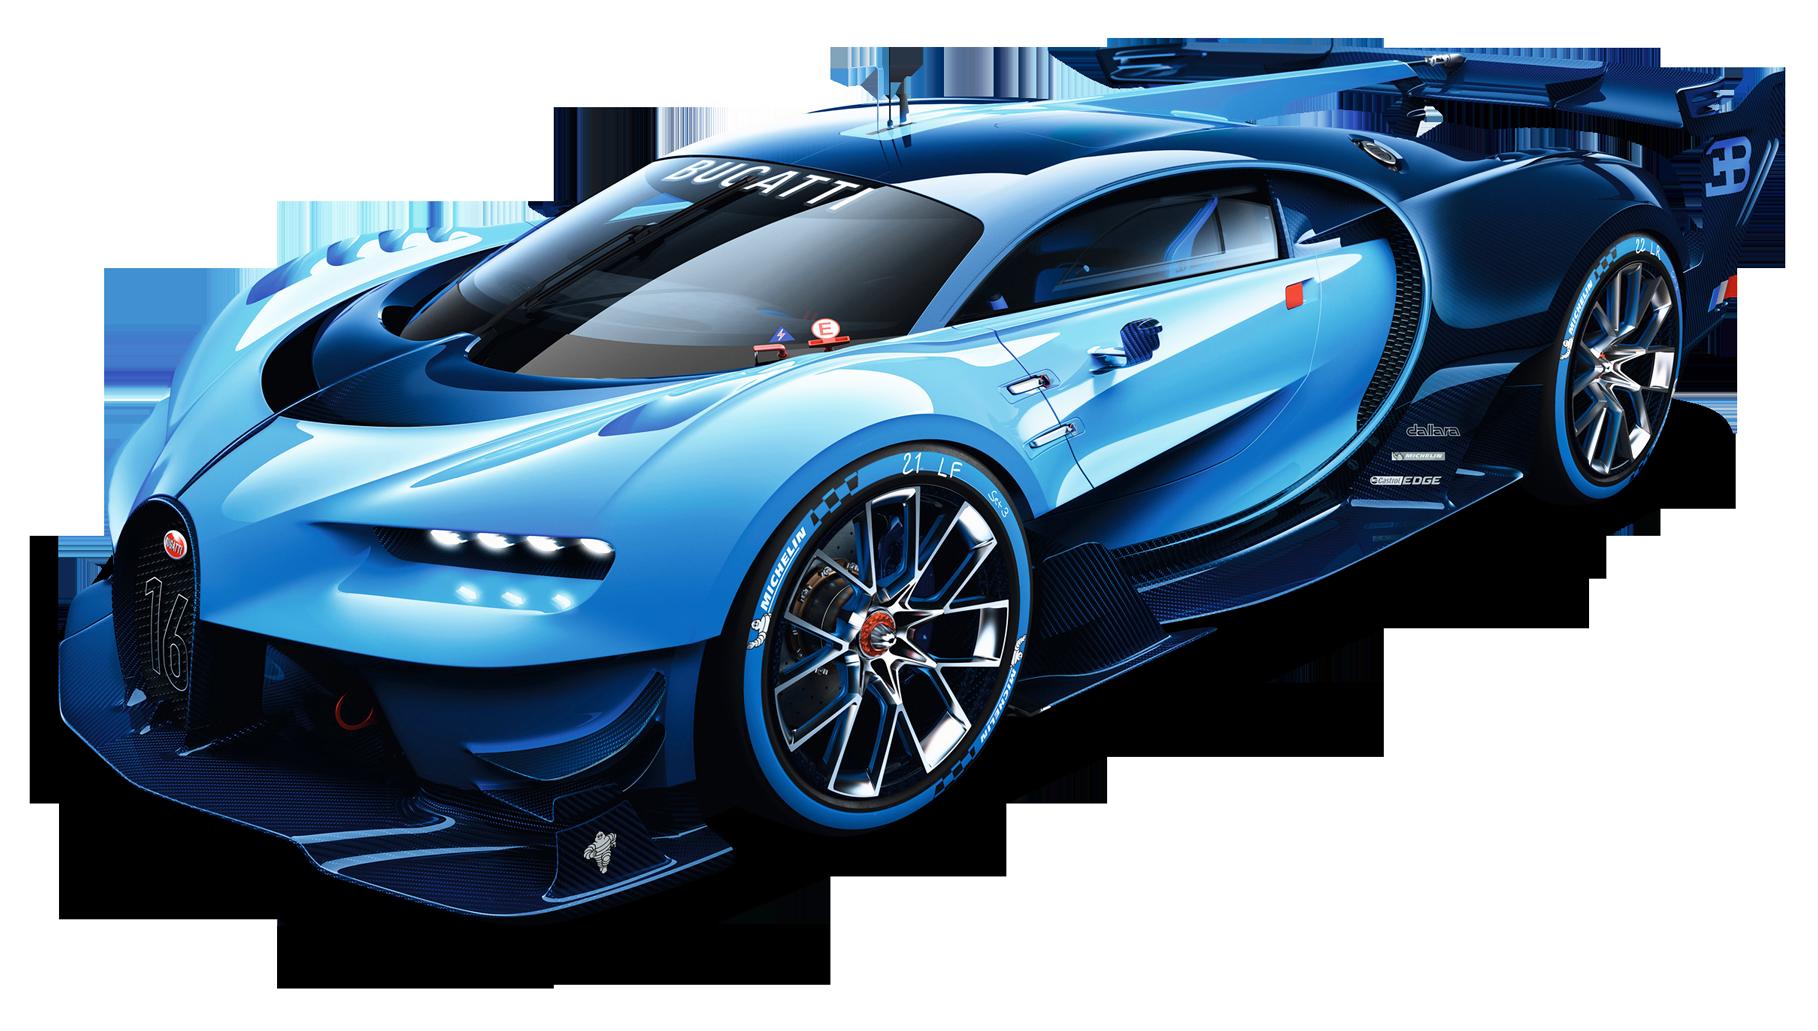 Bugatti Vision Gran Turismo Car Png Image Car Png Bugatti Turismo